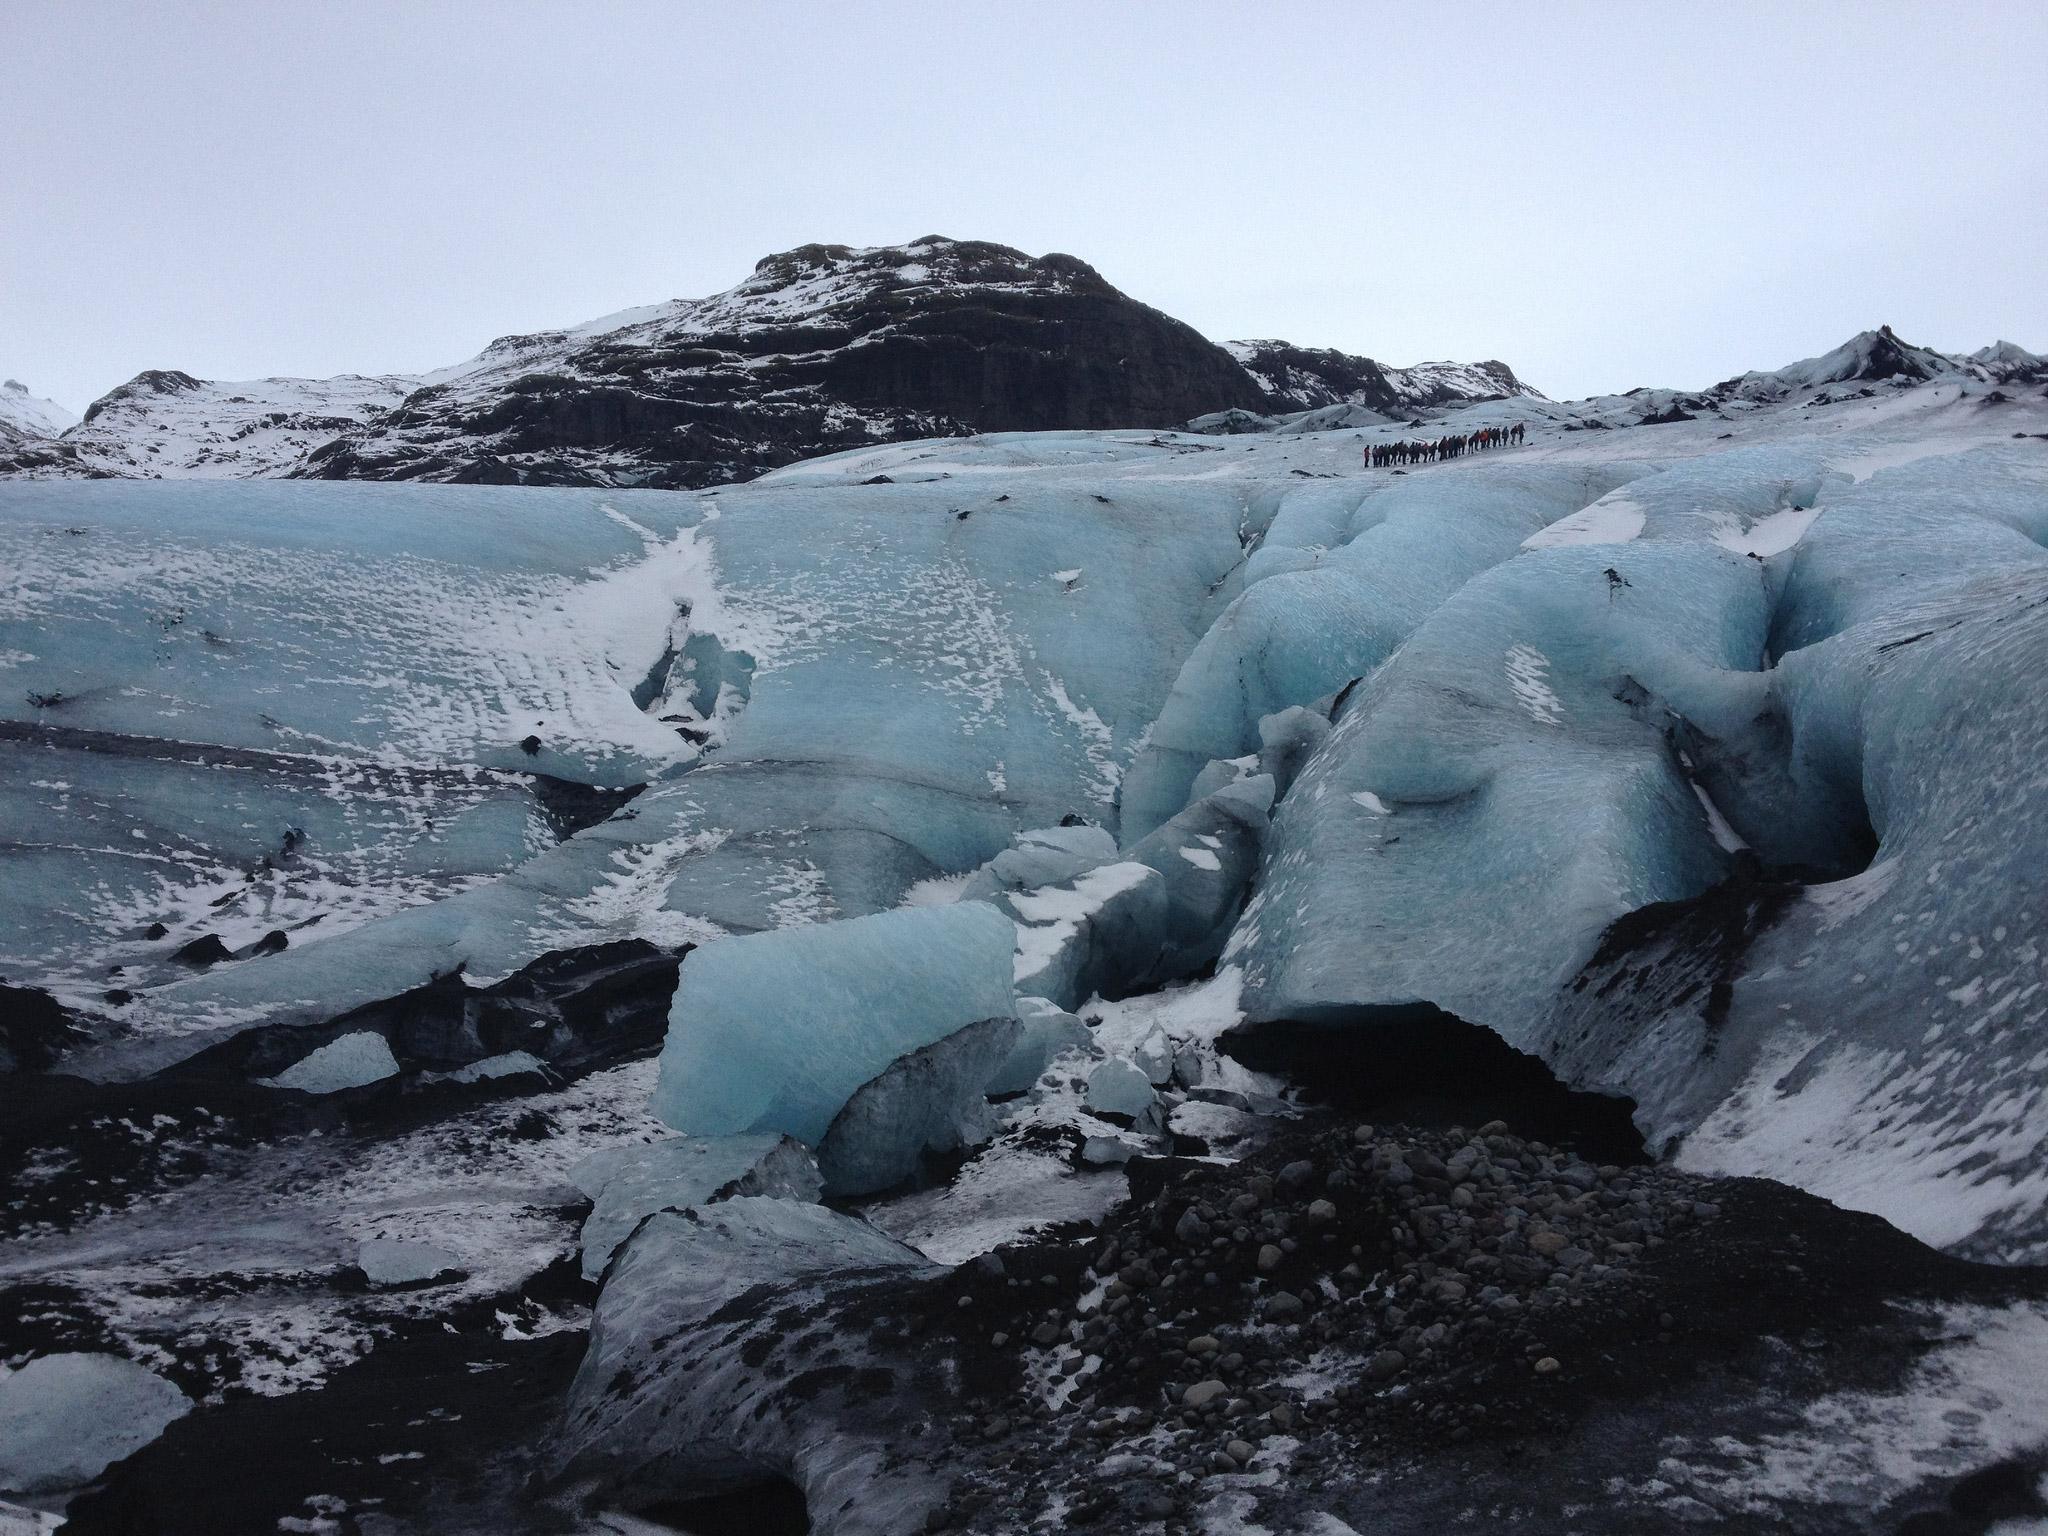 Walking on the Sólheimajökull glacier